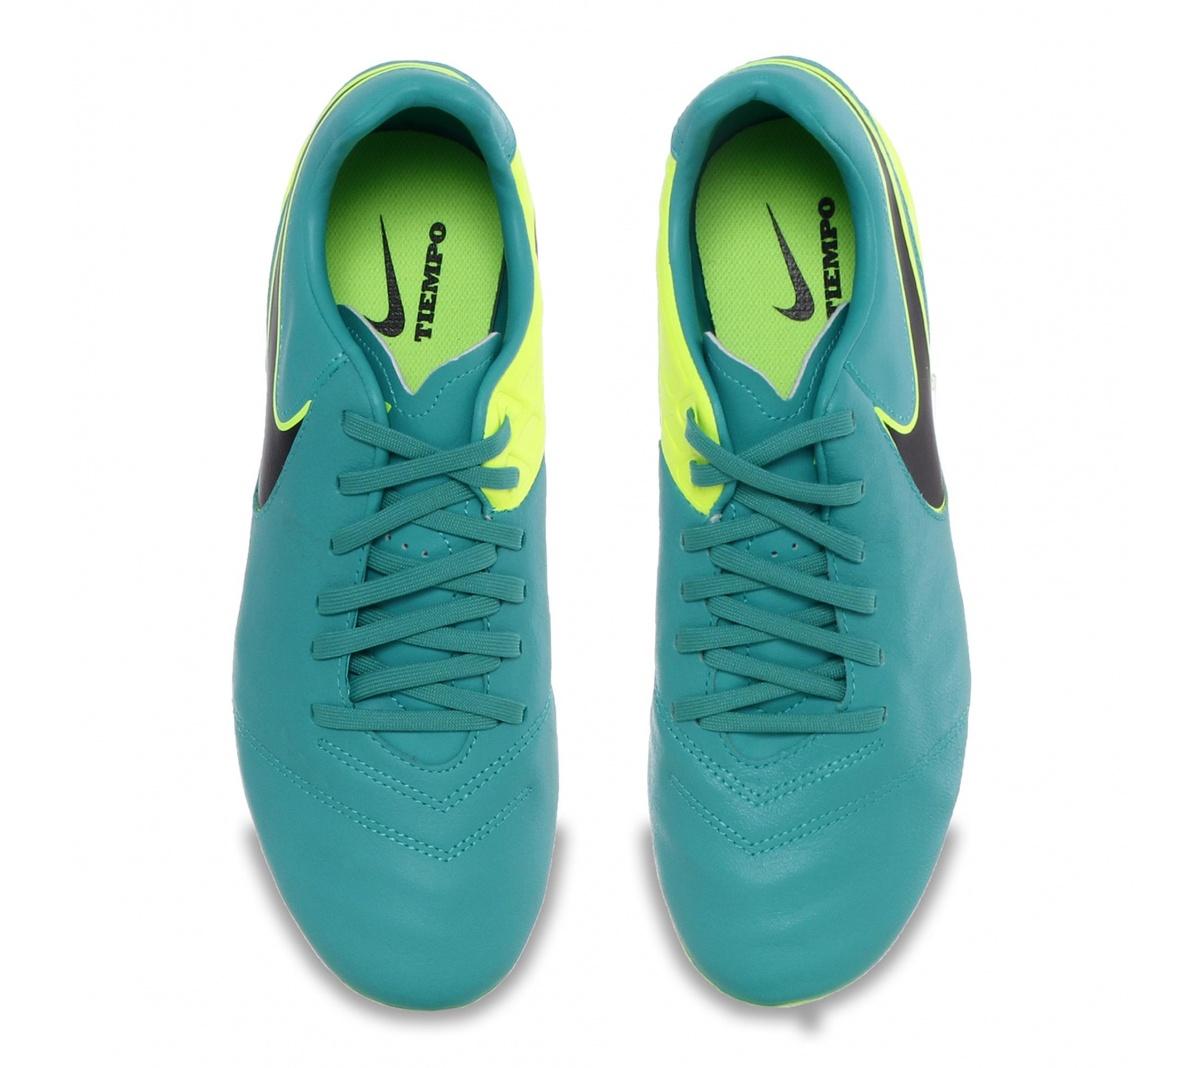 013c06b6ac Chuteira Nike Tiempo Mystic V Campo - Mundo do Futebol